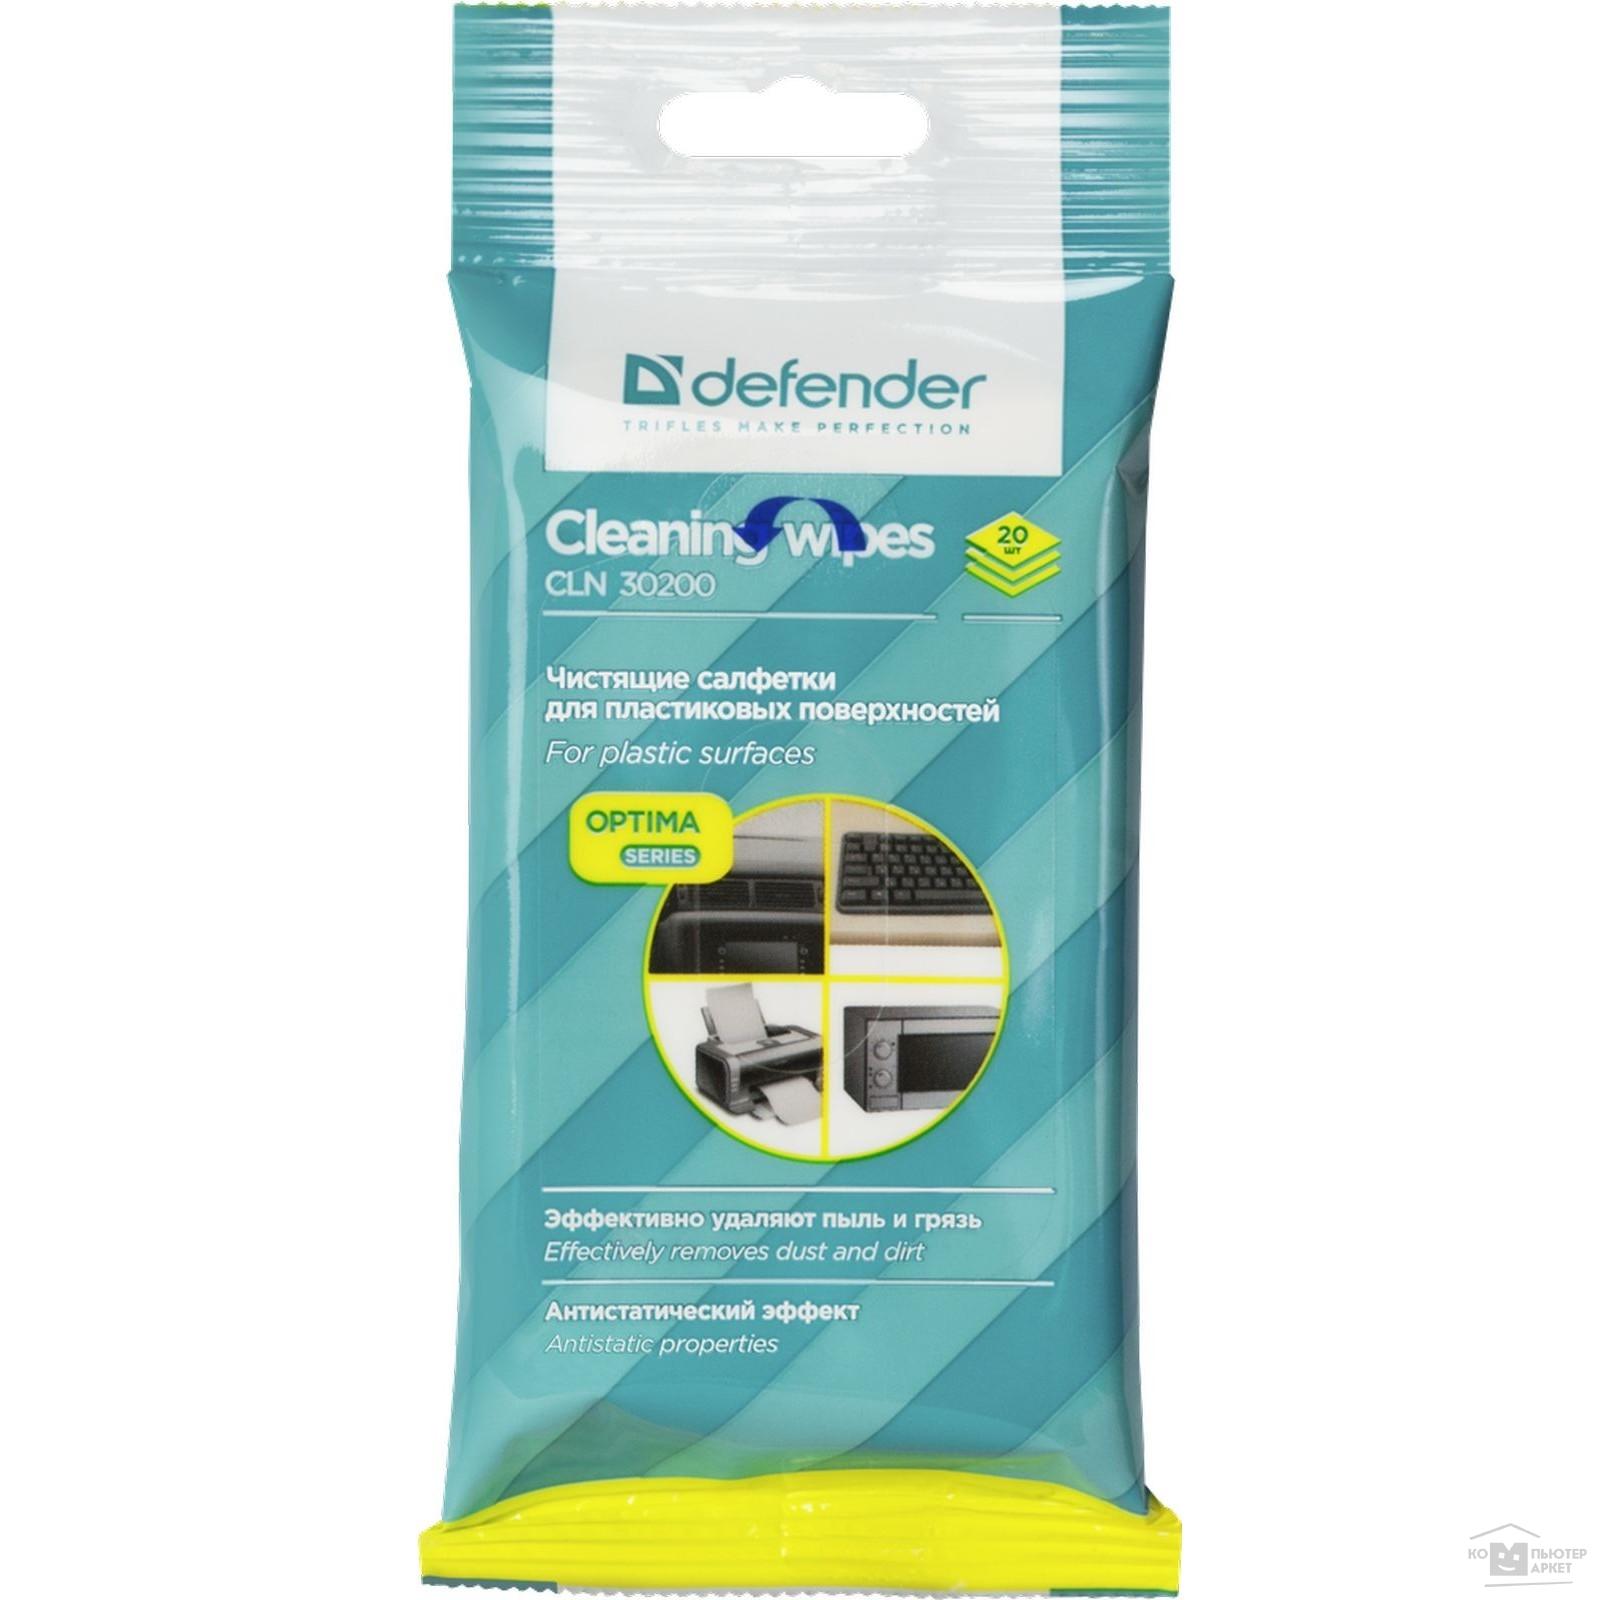 DEFENDER Салфетки CLN 30200 универсальные в мягкой упаковке, 20шт./CLN 30200 30200